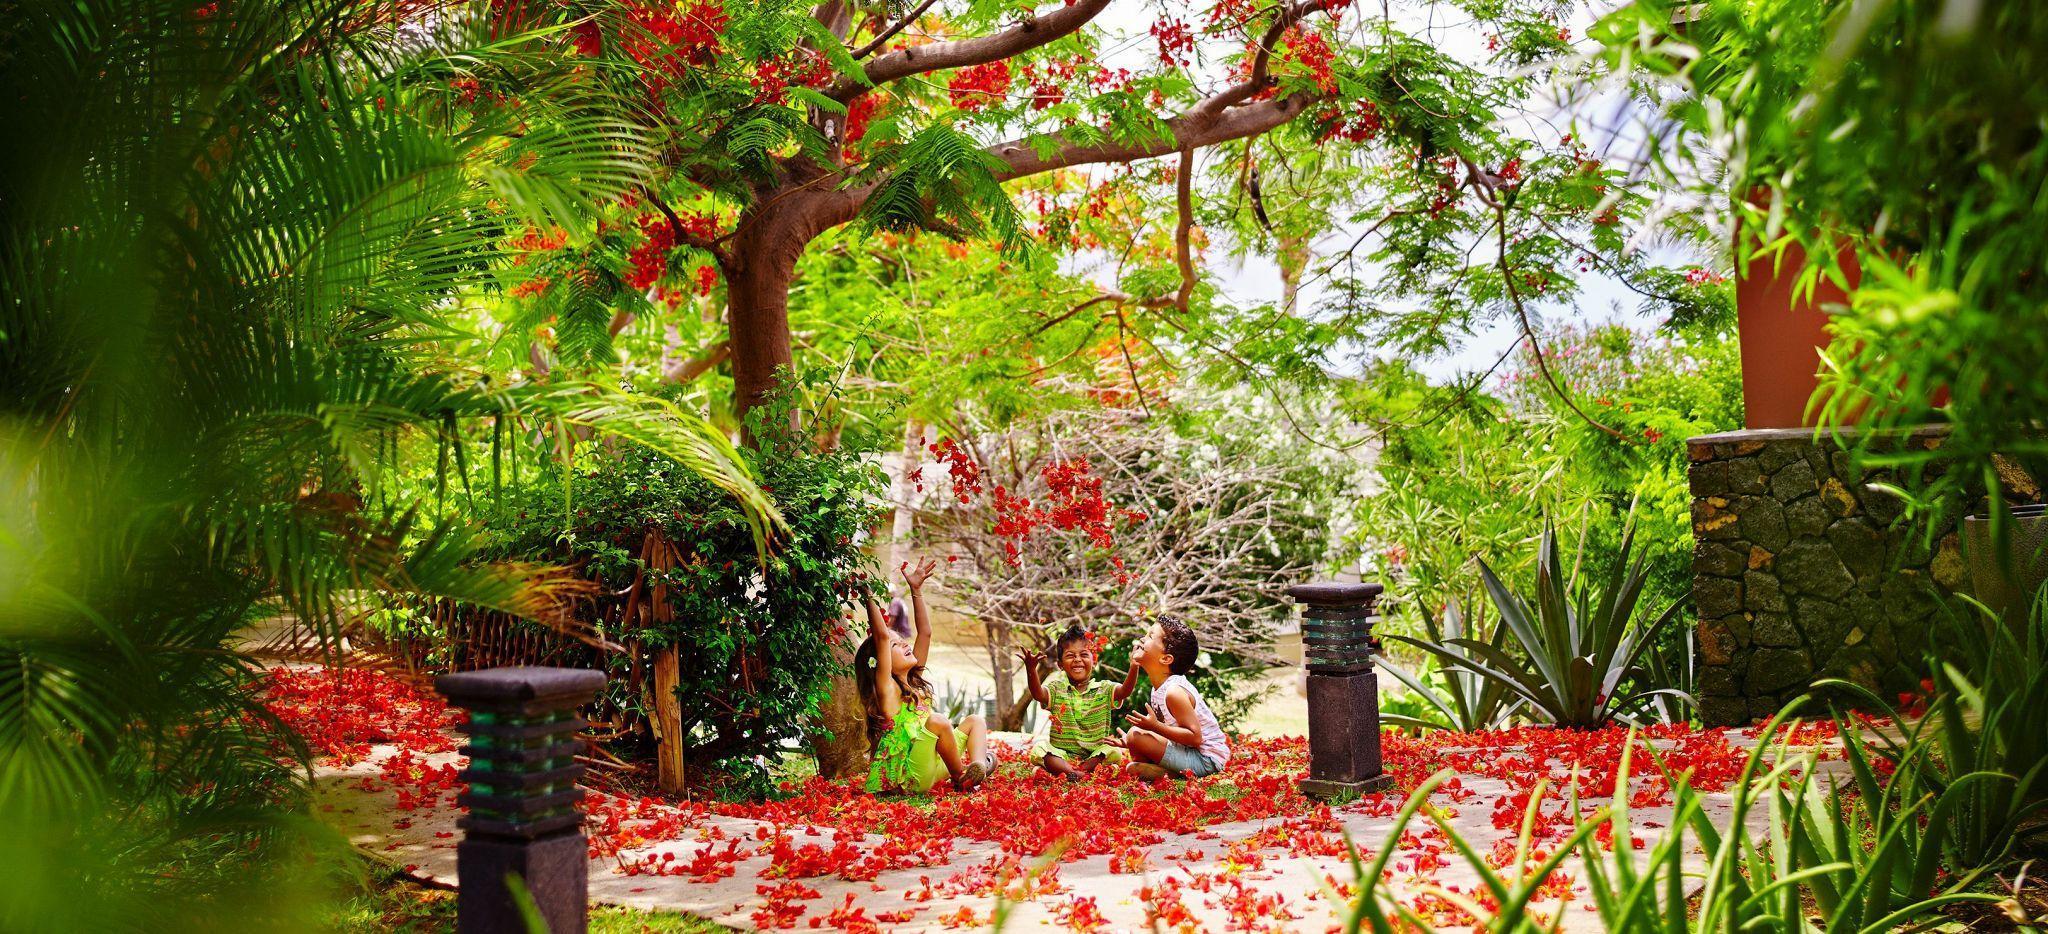 Kinder spielen mit roten Blüten im Garten des Hotels Iloha